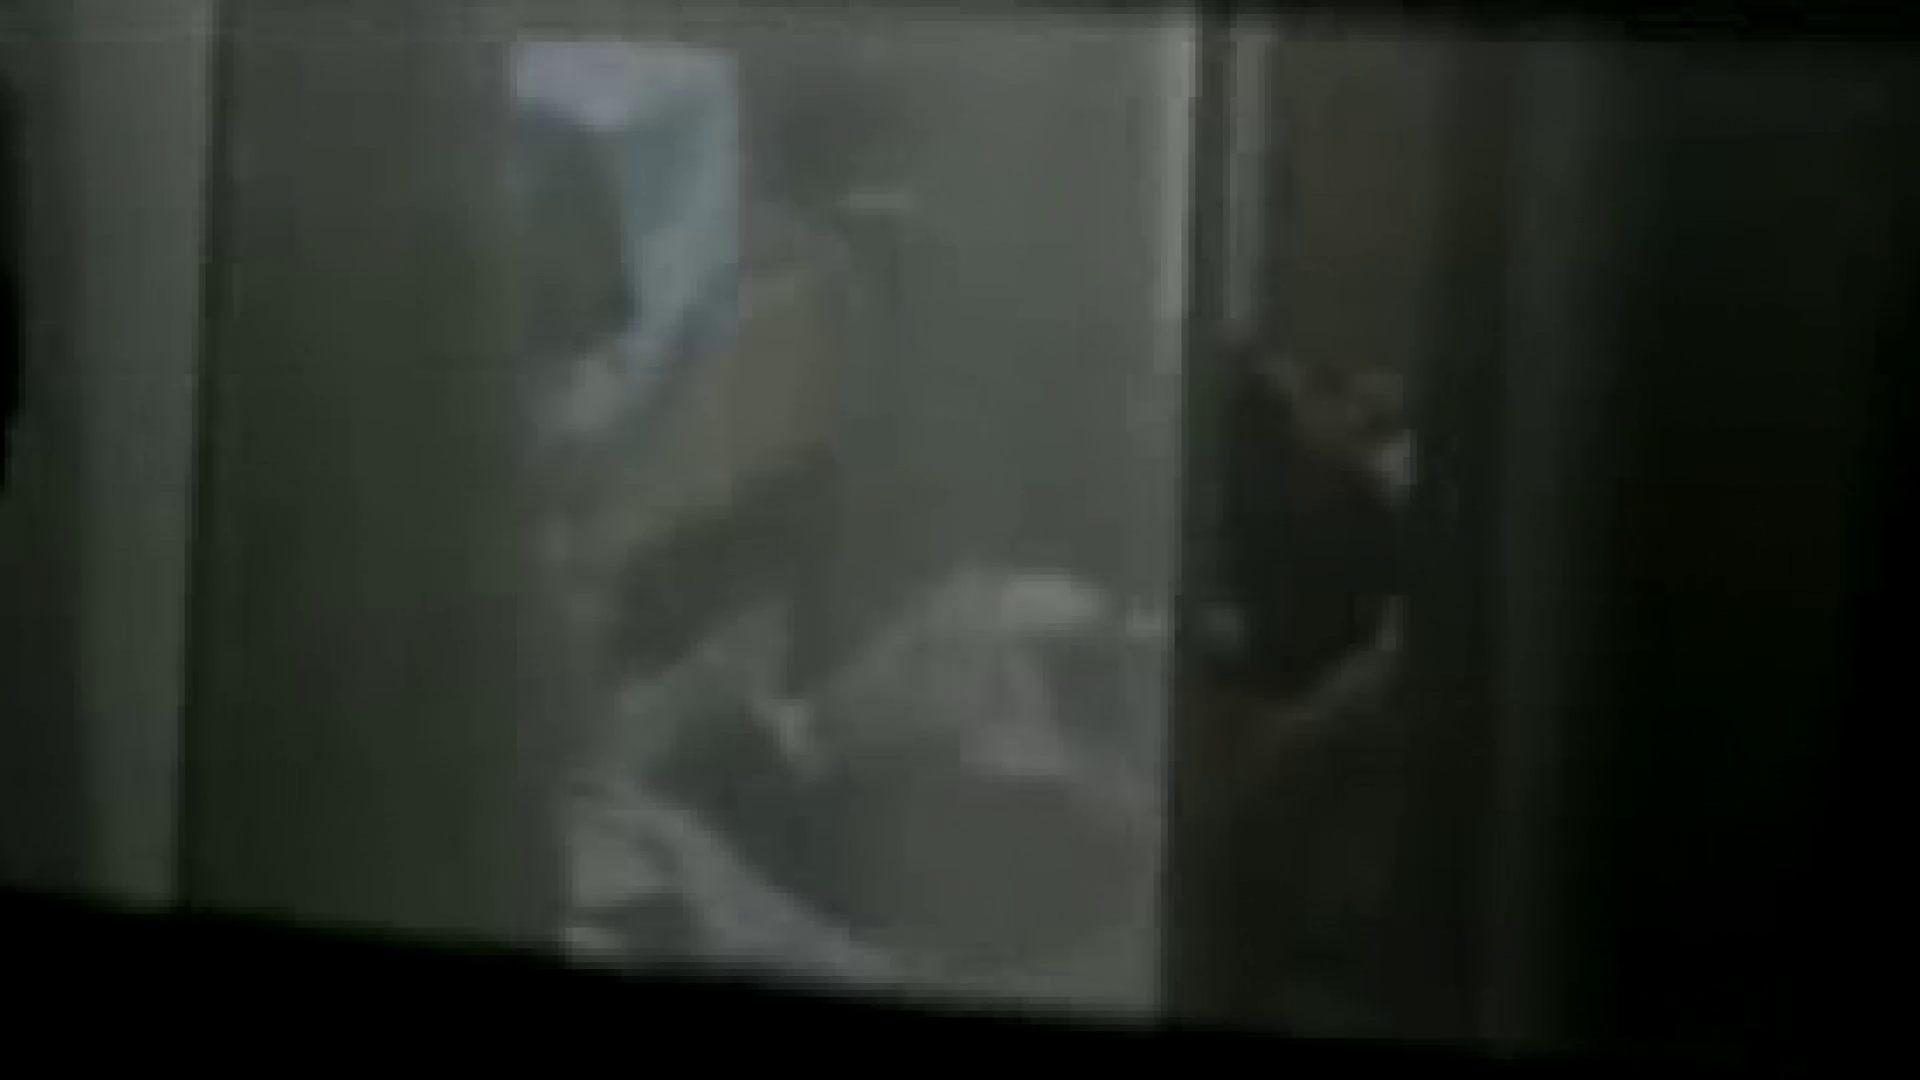 オナニー 一人ぼっち オナニー アダルトビデオ画像キャプチャ 80pic 3